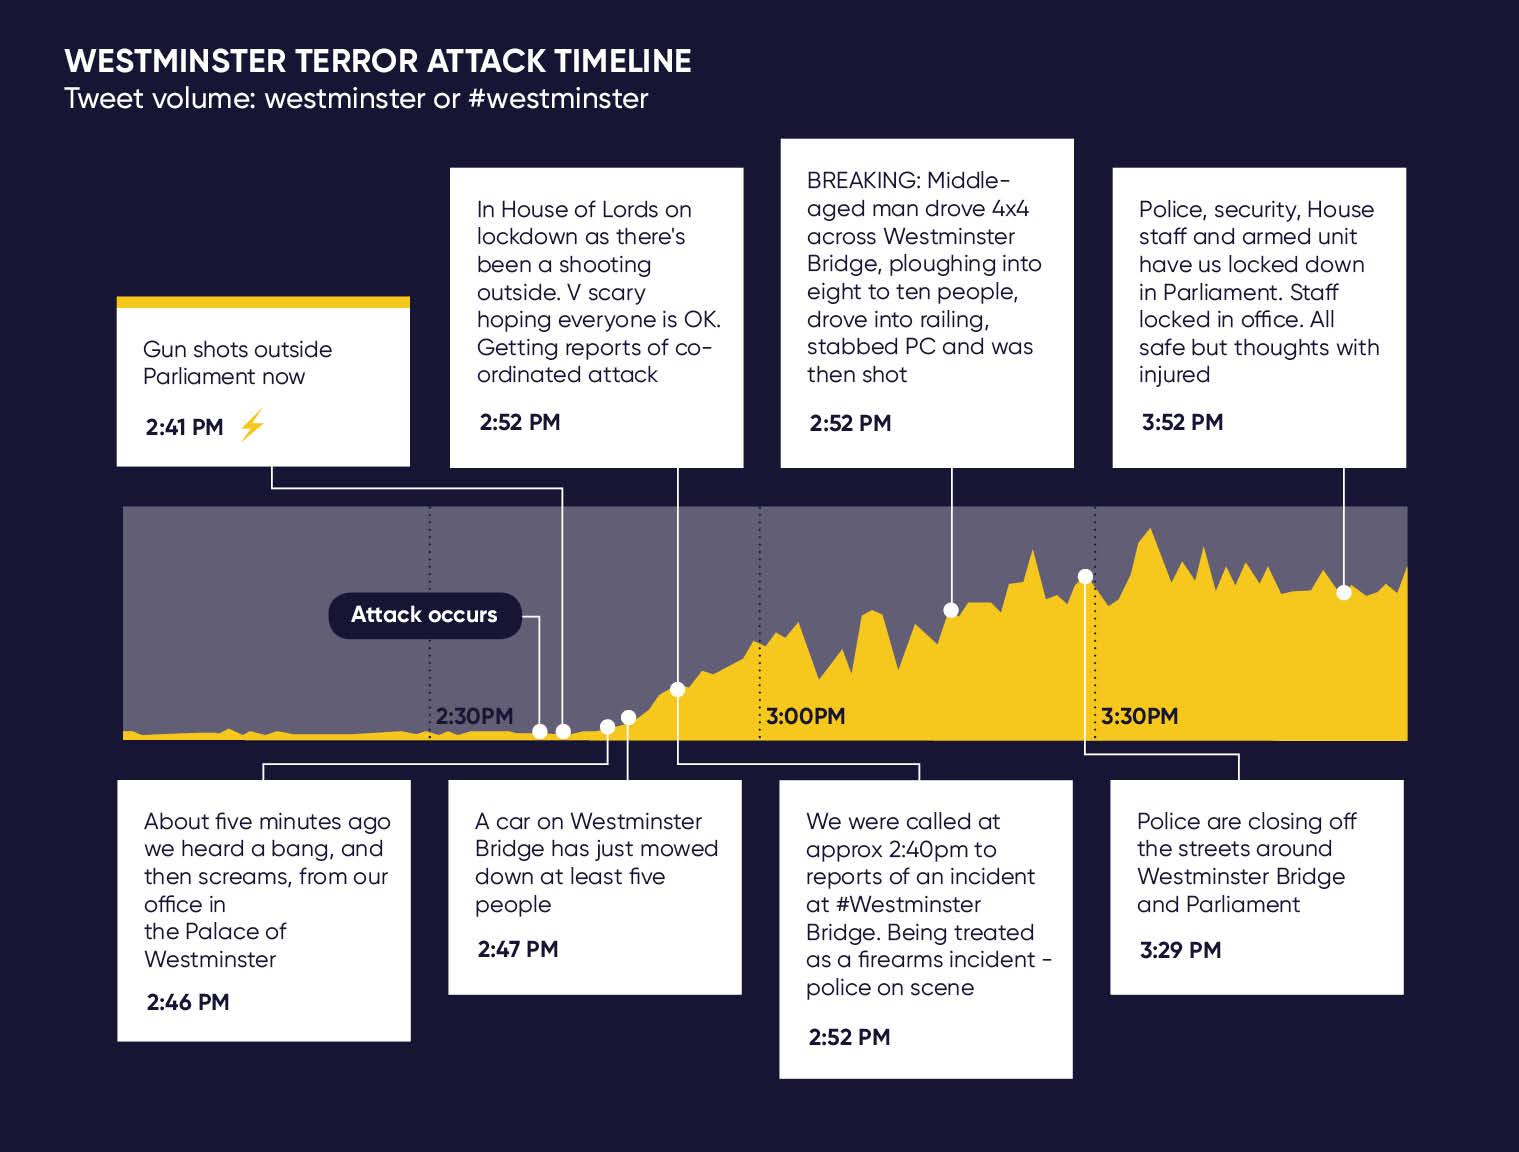 Timeline of Westminster Attack.